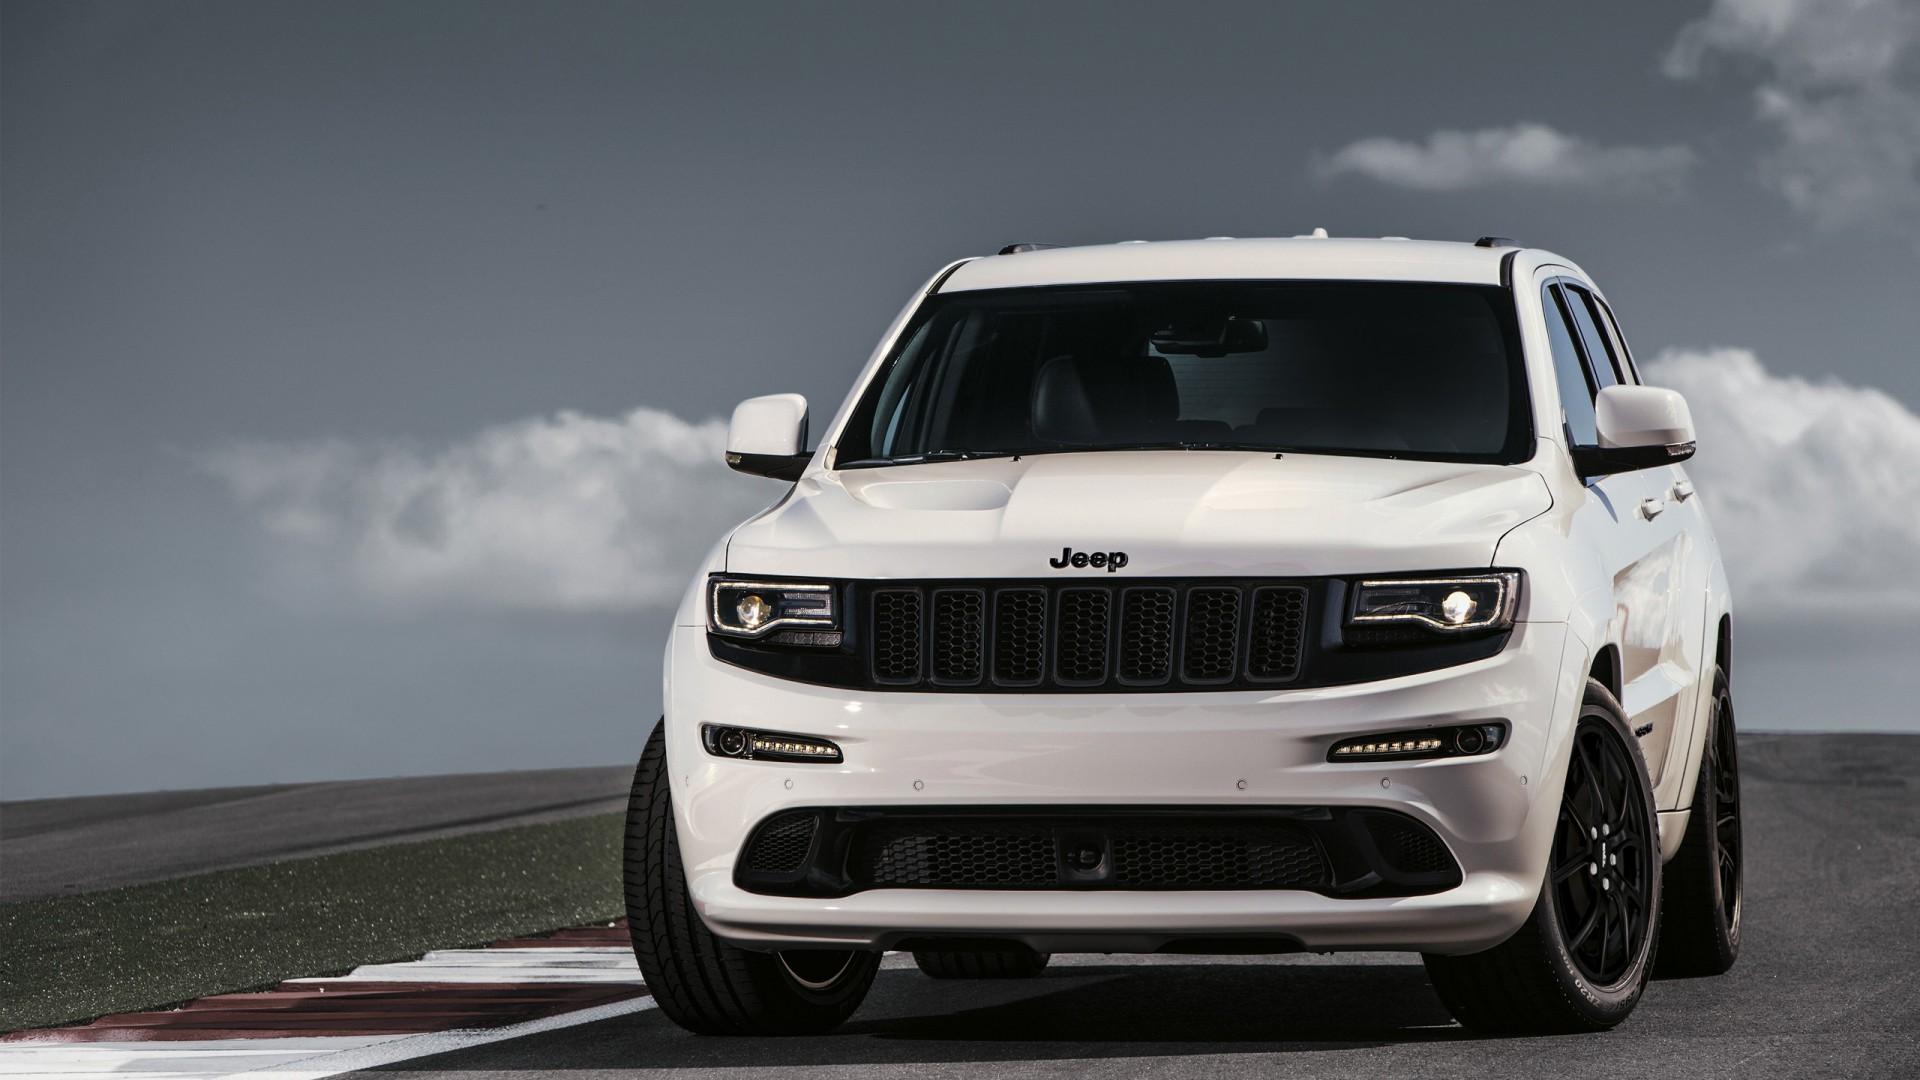 Jeep Summit 2017 >> 2017 Jeep Grand Cherokee SRT Wallpaper | HD Car Wallpapers | ID #6200